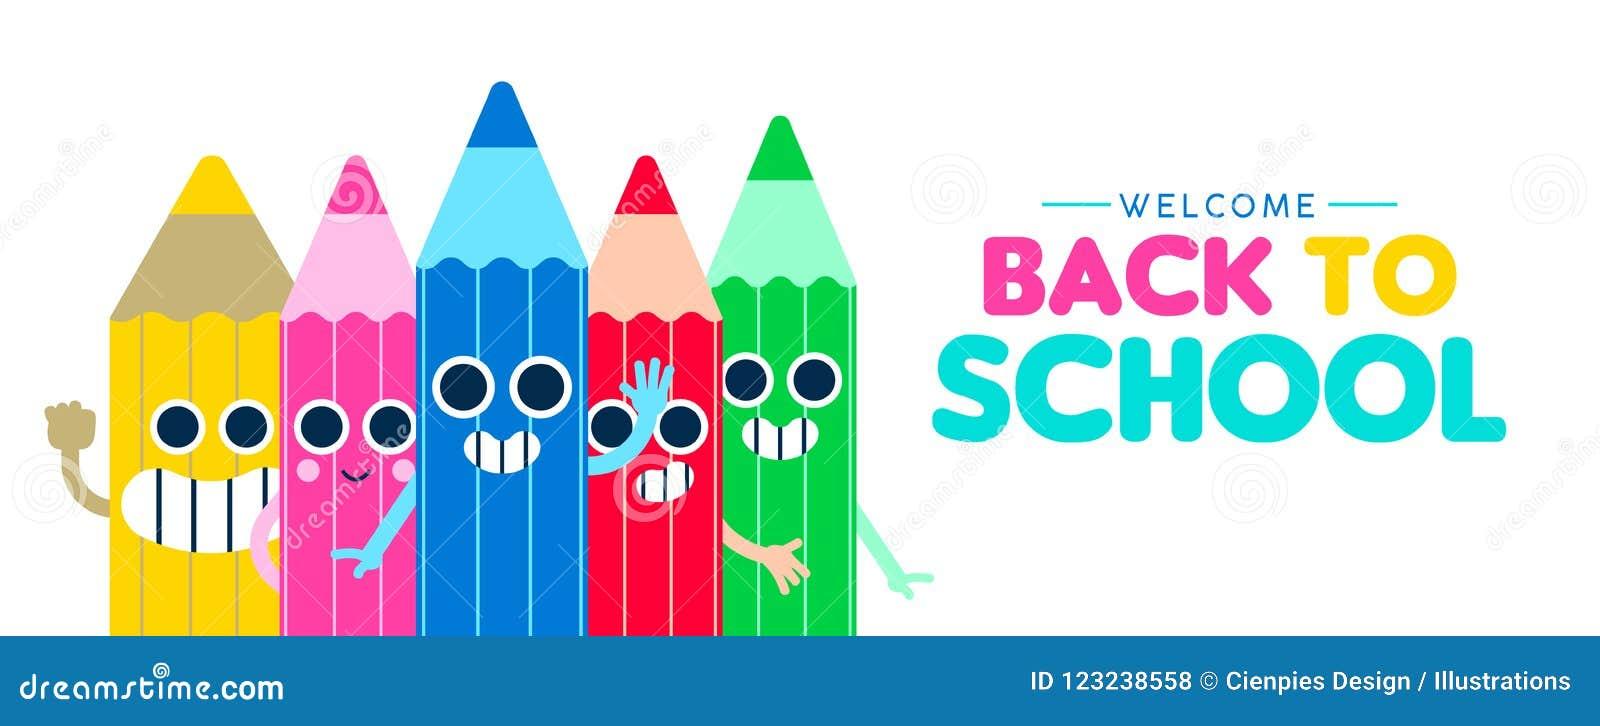 Popiera szkoły kreskówki sieci szczęśliwy ołówkowy sztandar